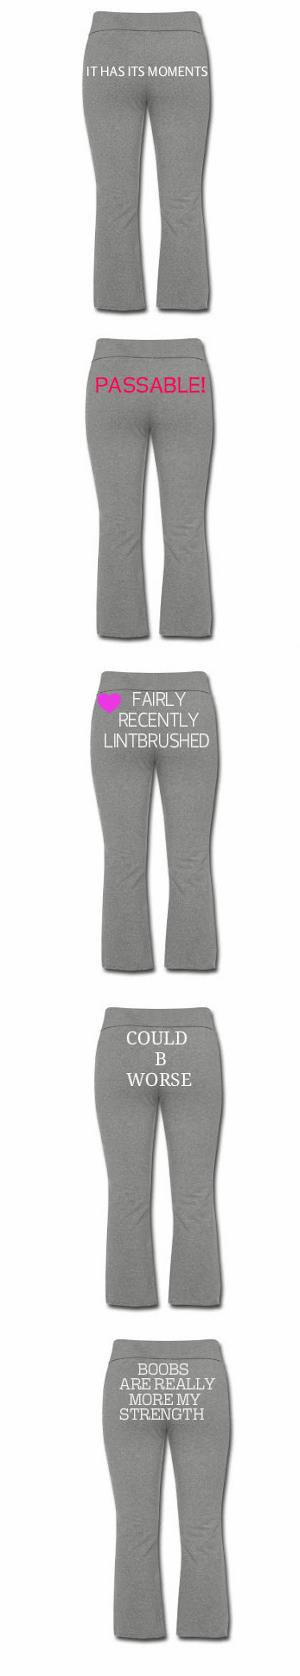 sweatpants words yoga pants poorly dressed - 7140874496